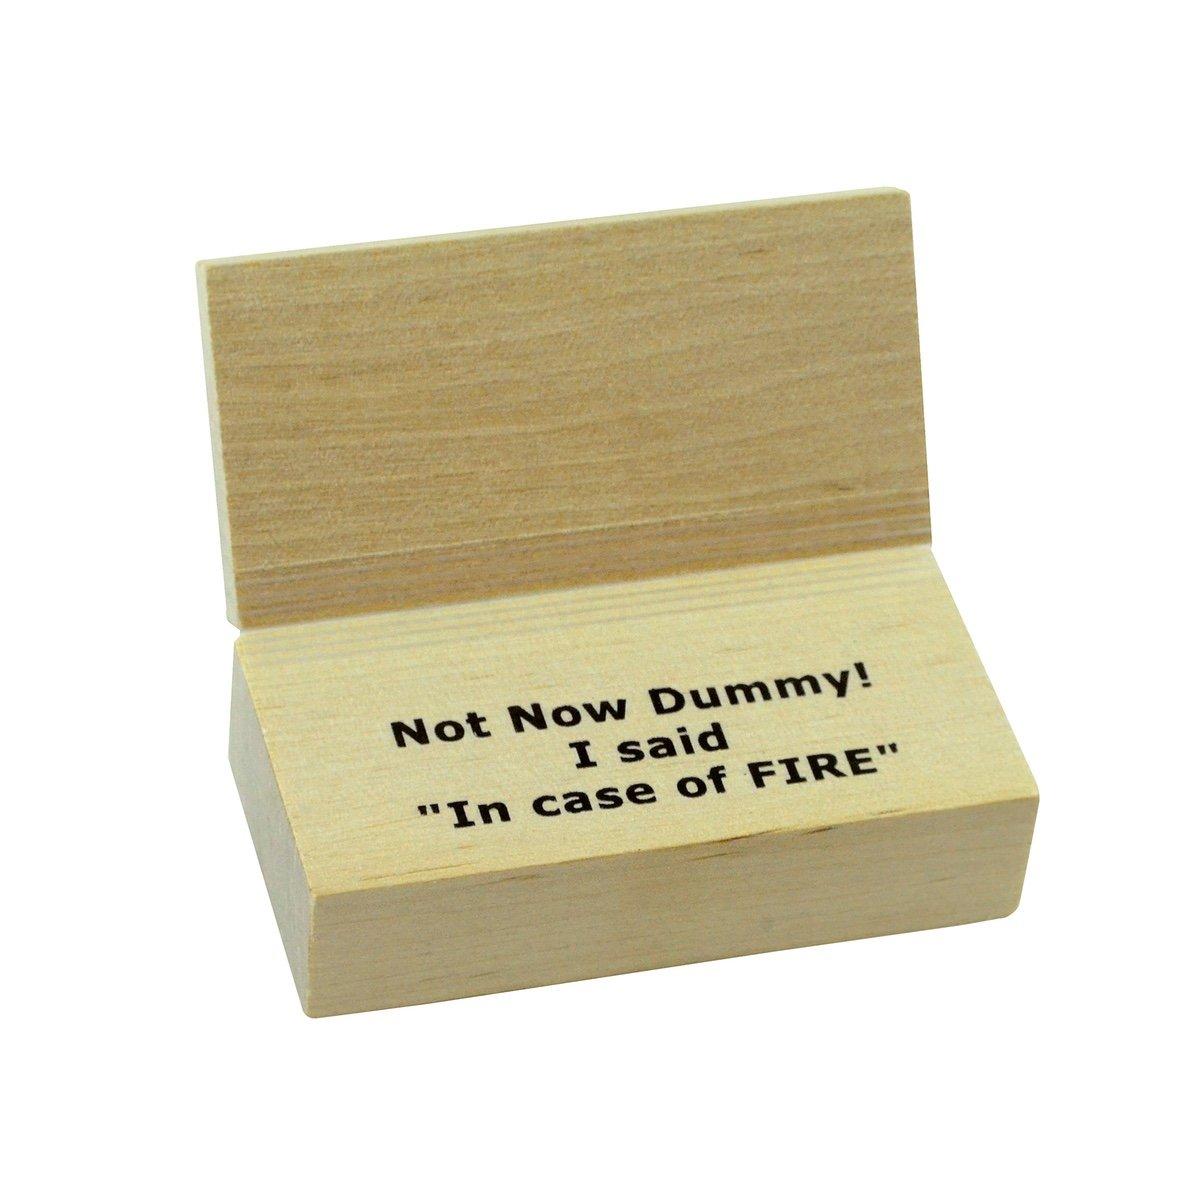 Amazon.com: Sorpresa abierto en caso de incendio Caja de ...